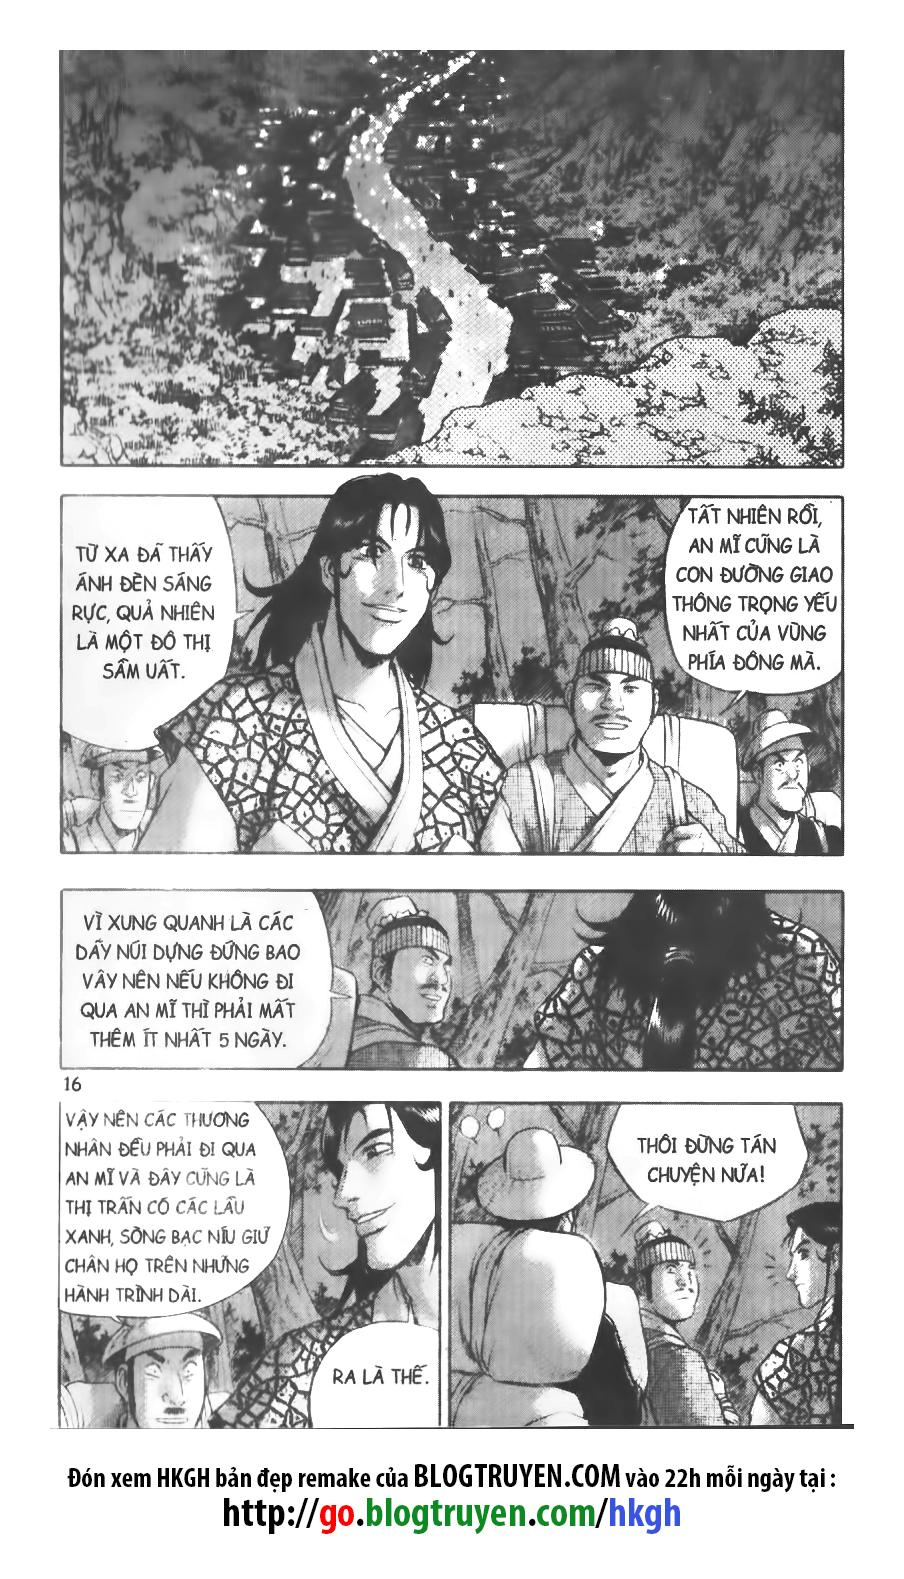 xem truyen moi - Hiệp Khách Giang Hồ Vol48 - Chap 332 - Remake